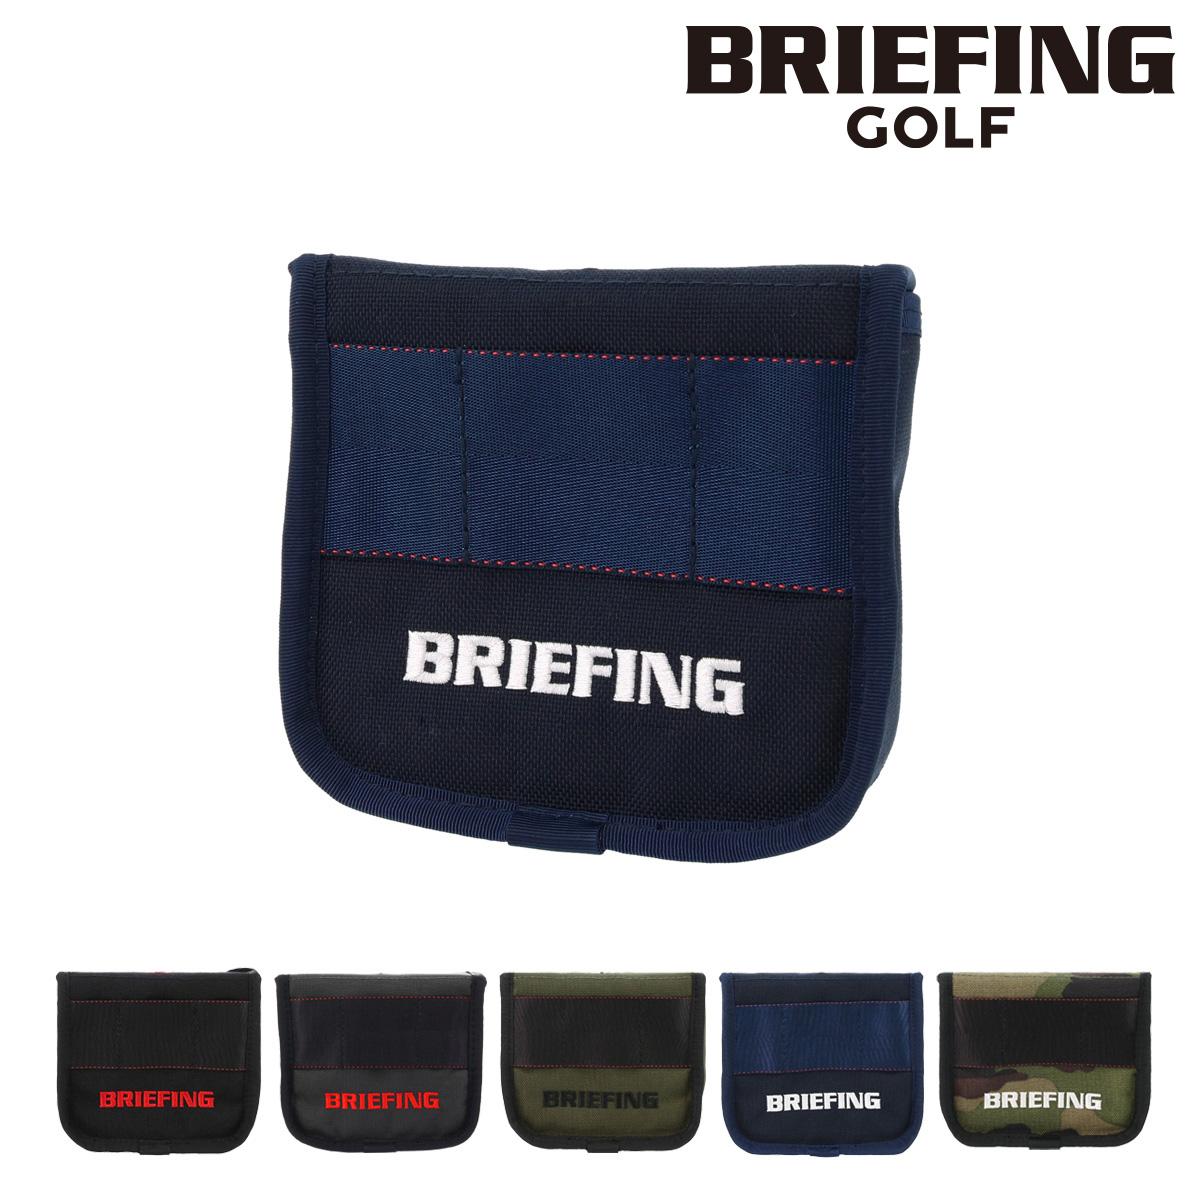 ブリーフィング ゴルフ パターカバー メンズ BRG193G55 BRIEFING | マレットタイプ[即日発送][PO10]